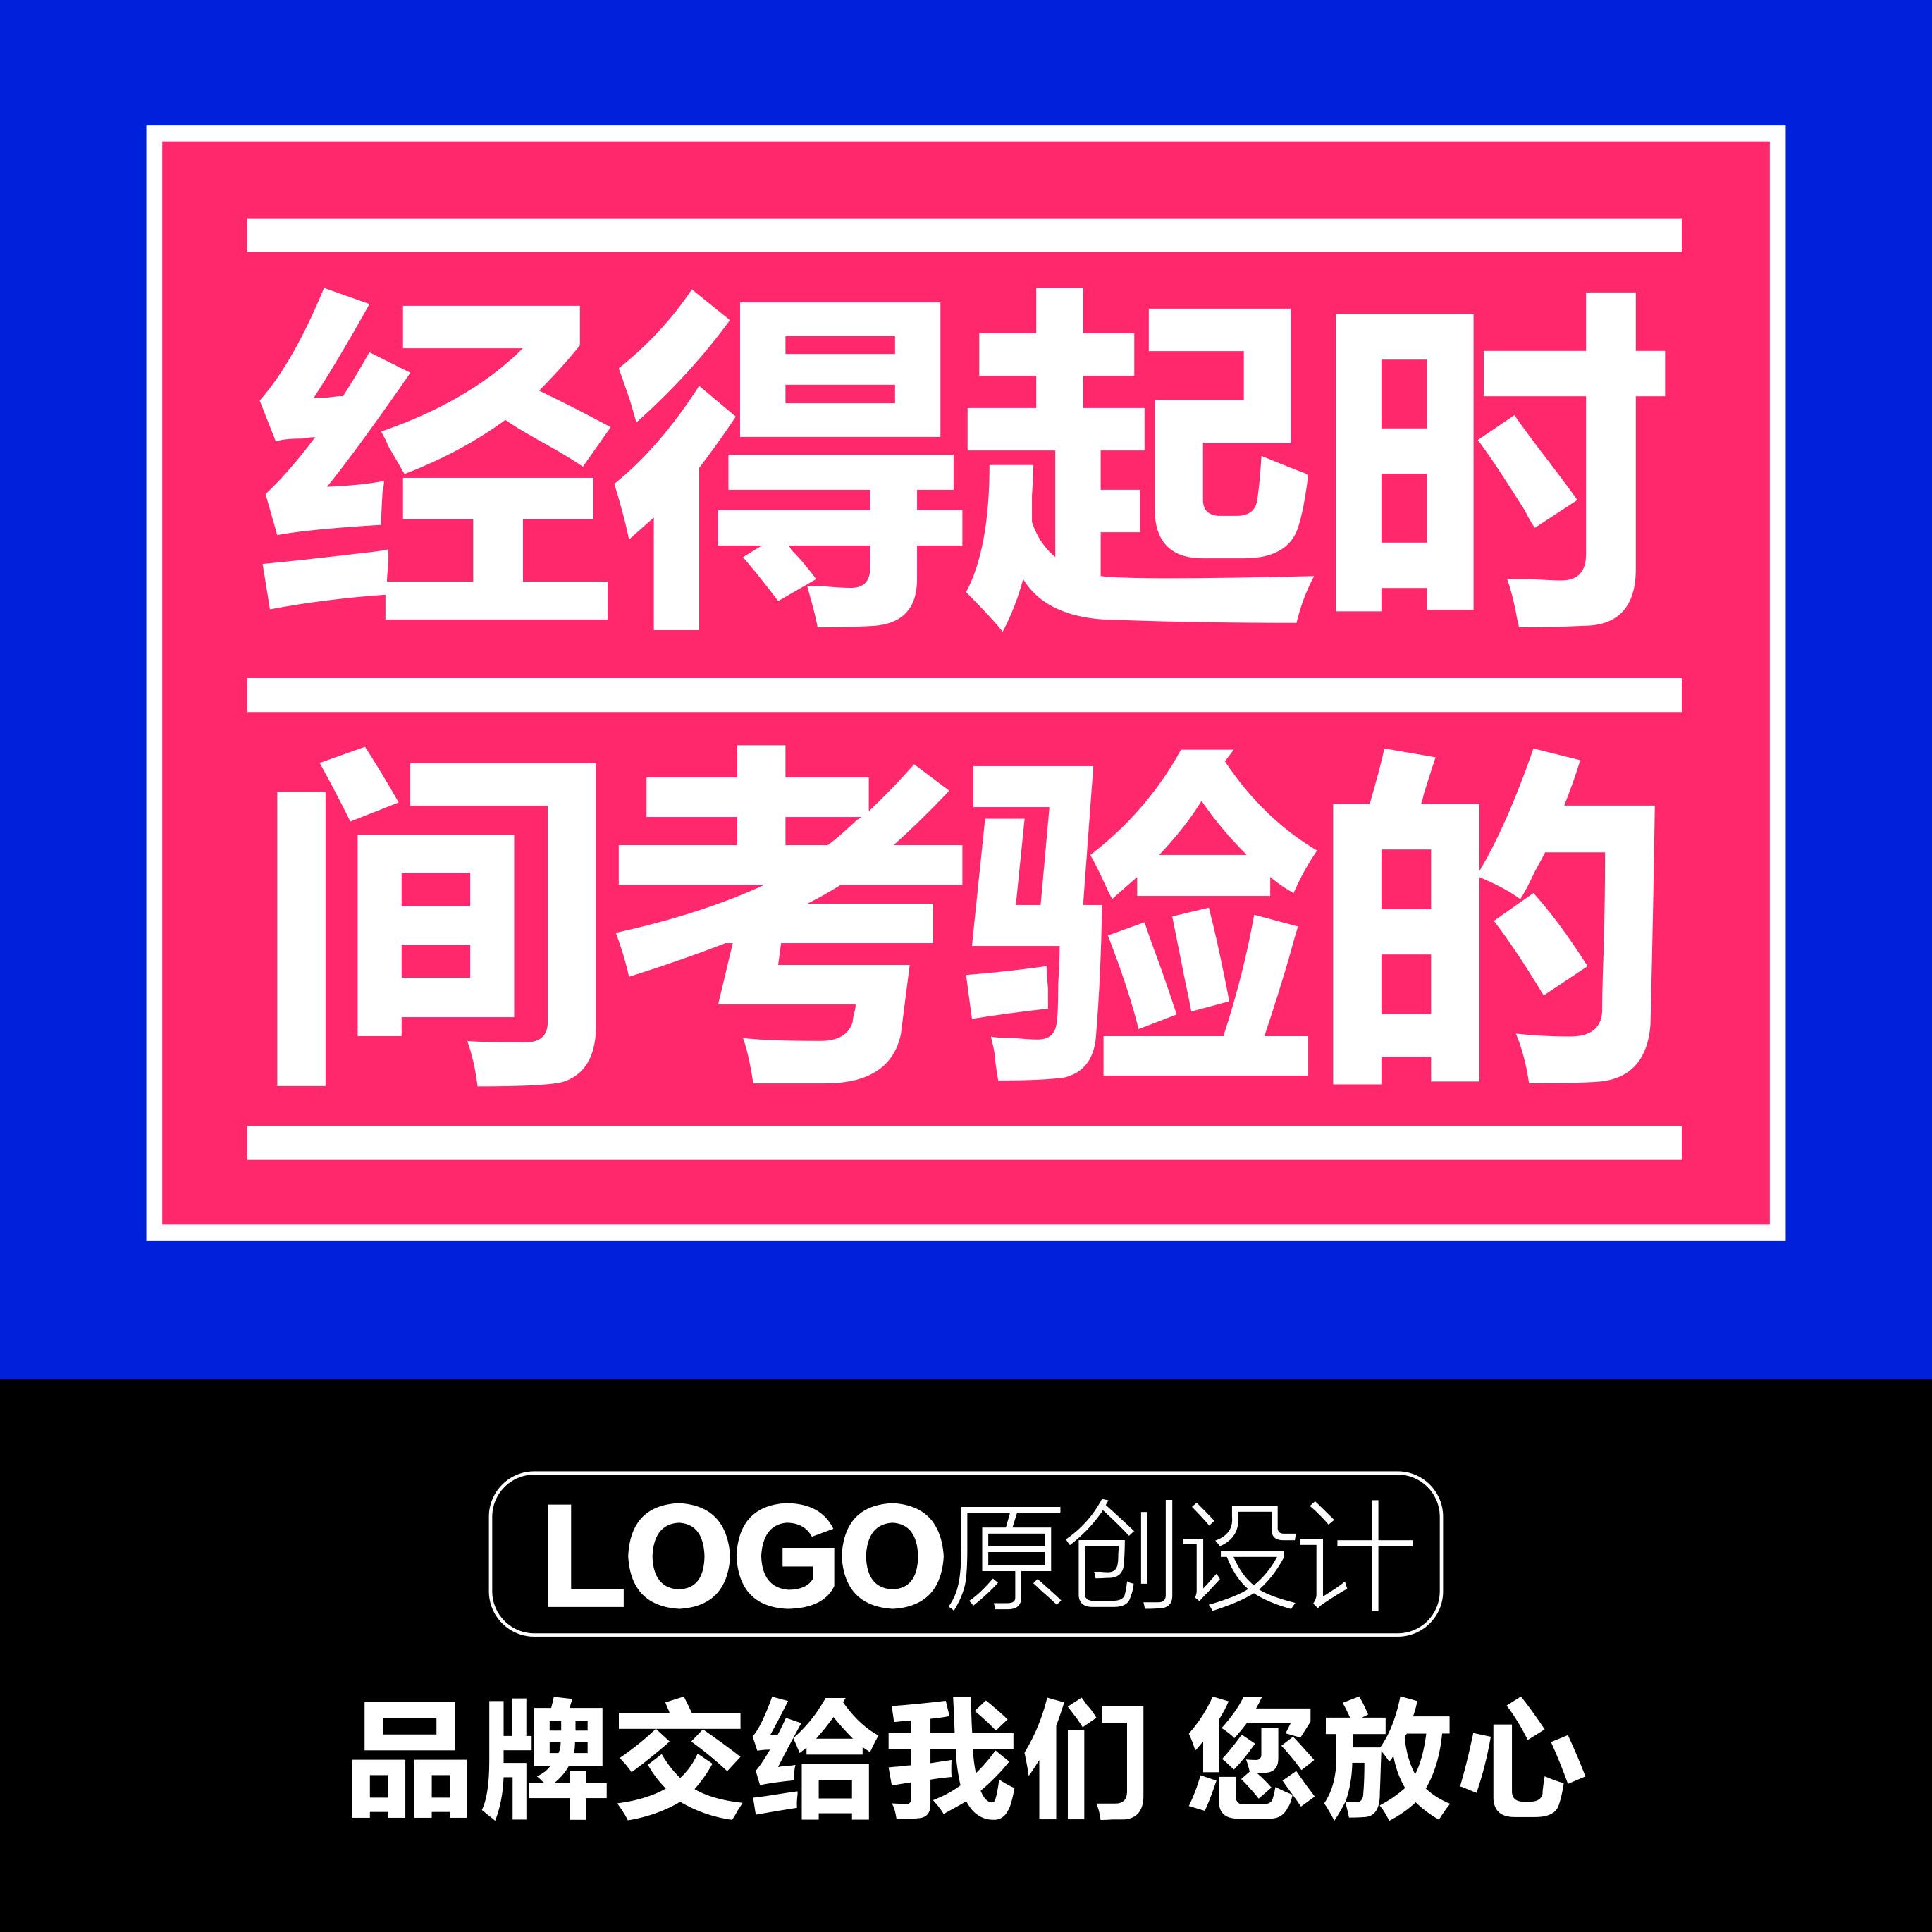 【4A公司创意组长】logo设计公司logo制作企业LOGO